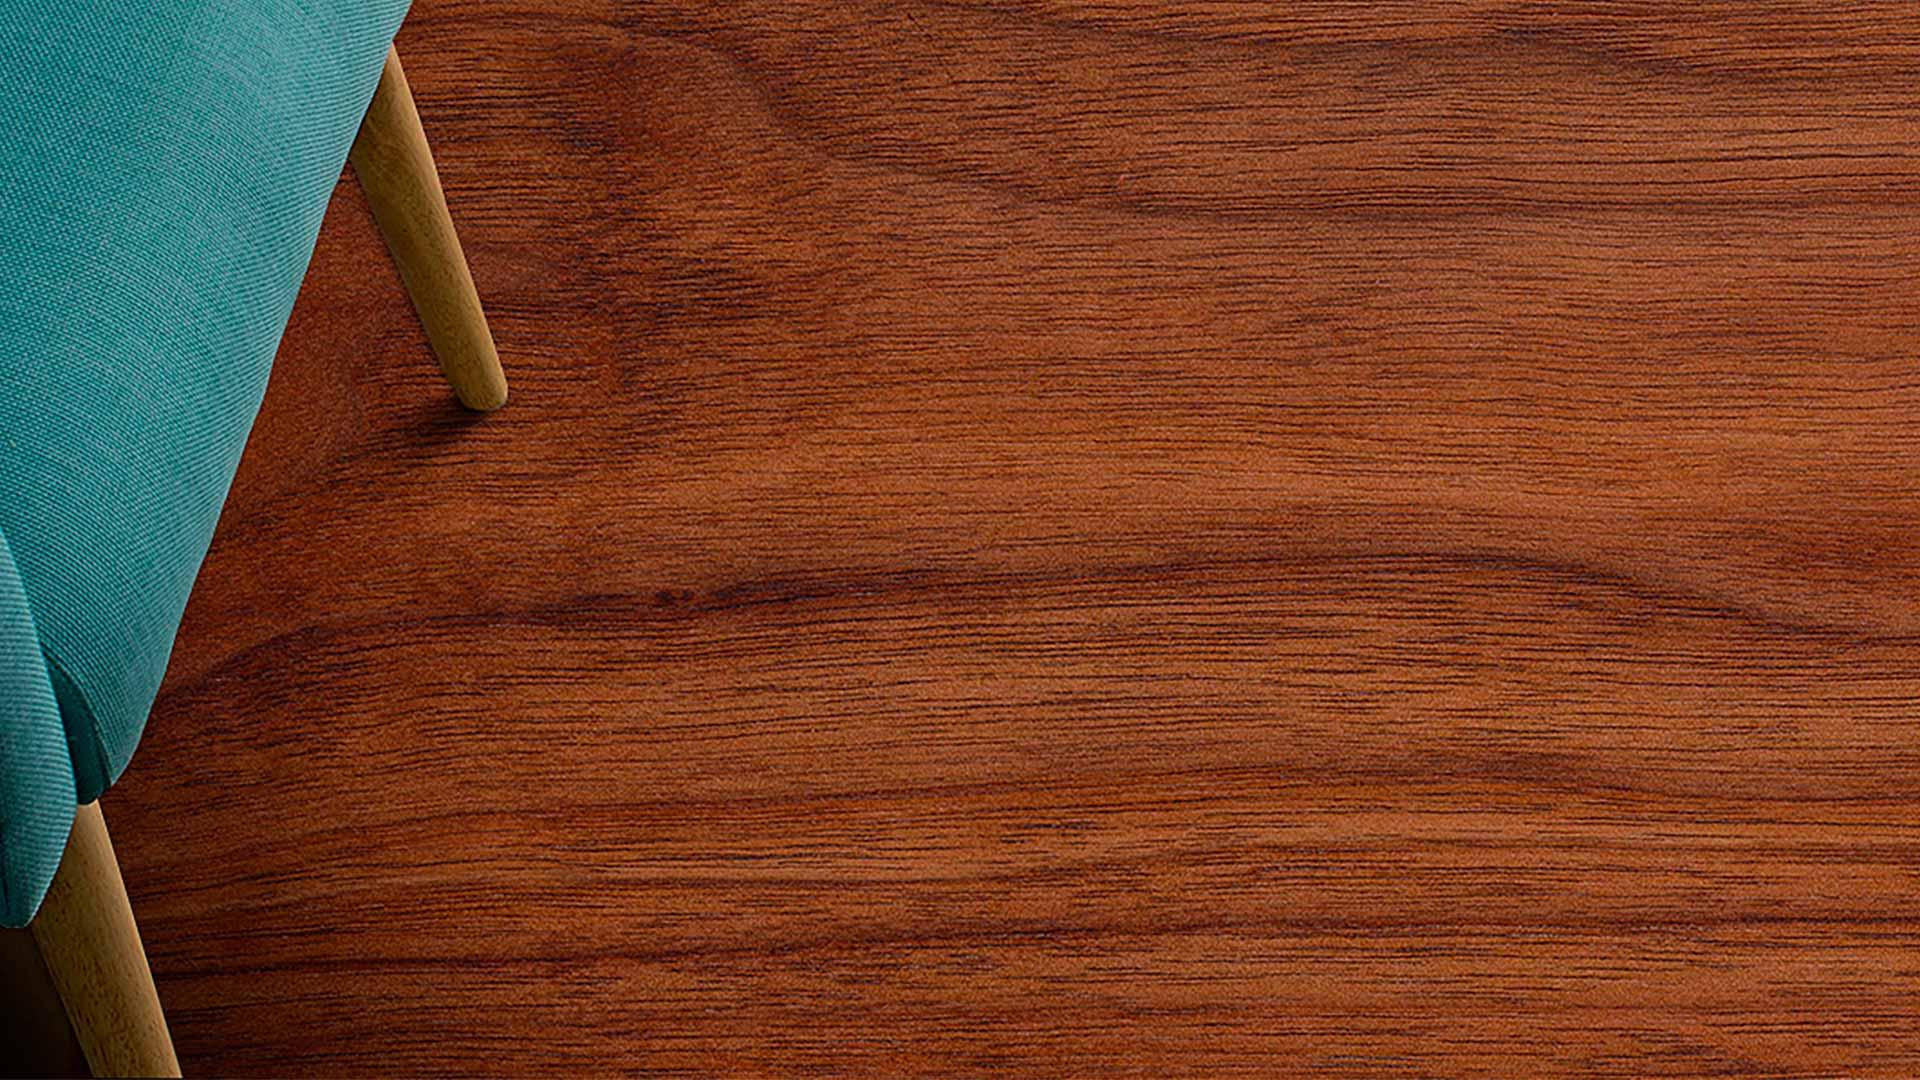 Si su piso de linóleo ha sido quemado por cigarrillo, tiene alguna ranura hecha por la pata de una mesa o quedó con una fea mancha, no tiene que asumir que deberá cambiarlo por completo. Aprenda cómo arreglarlo usted mismo siguiendo los siguientes pasos.